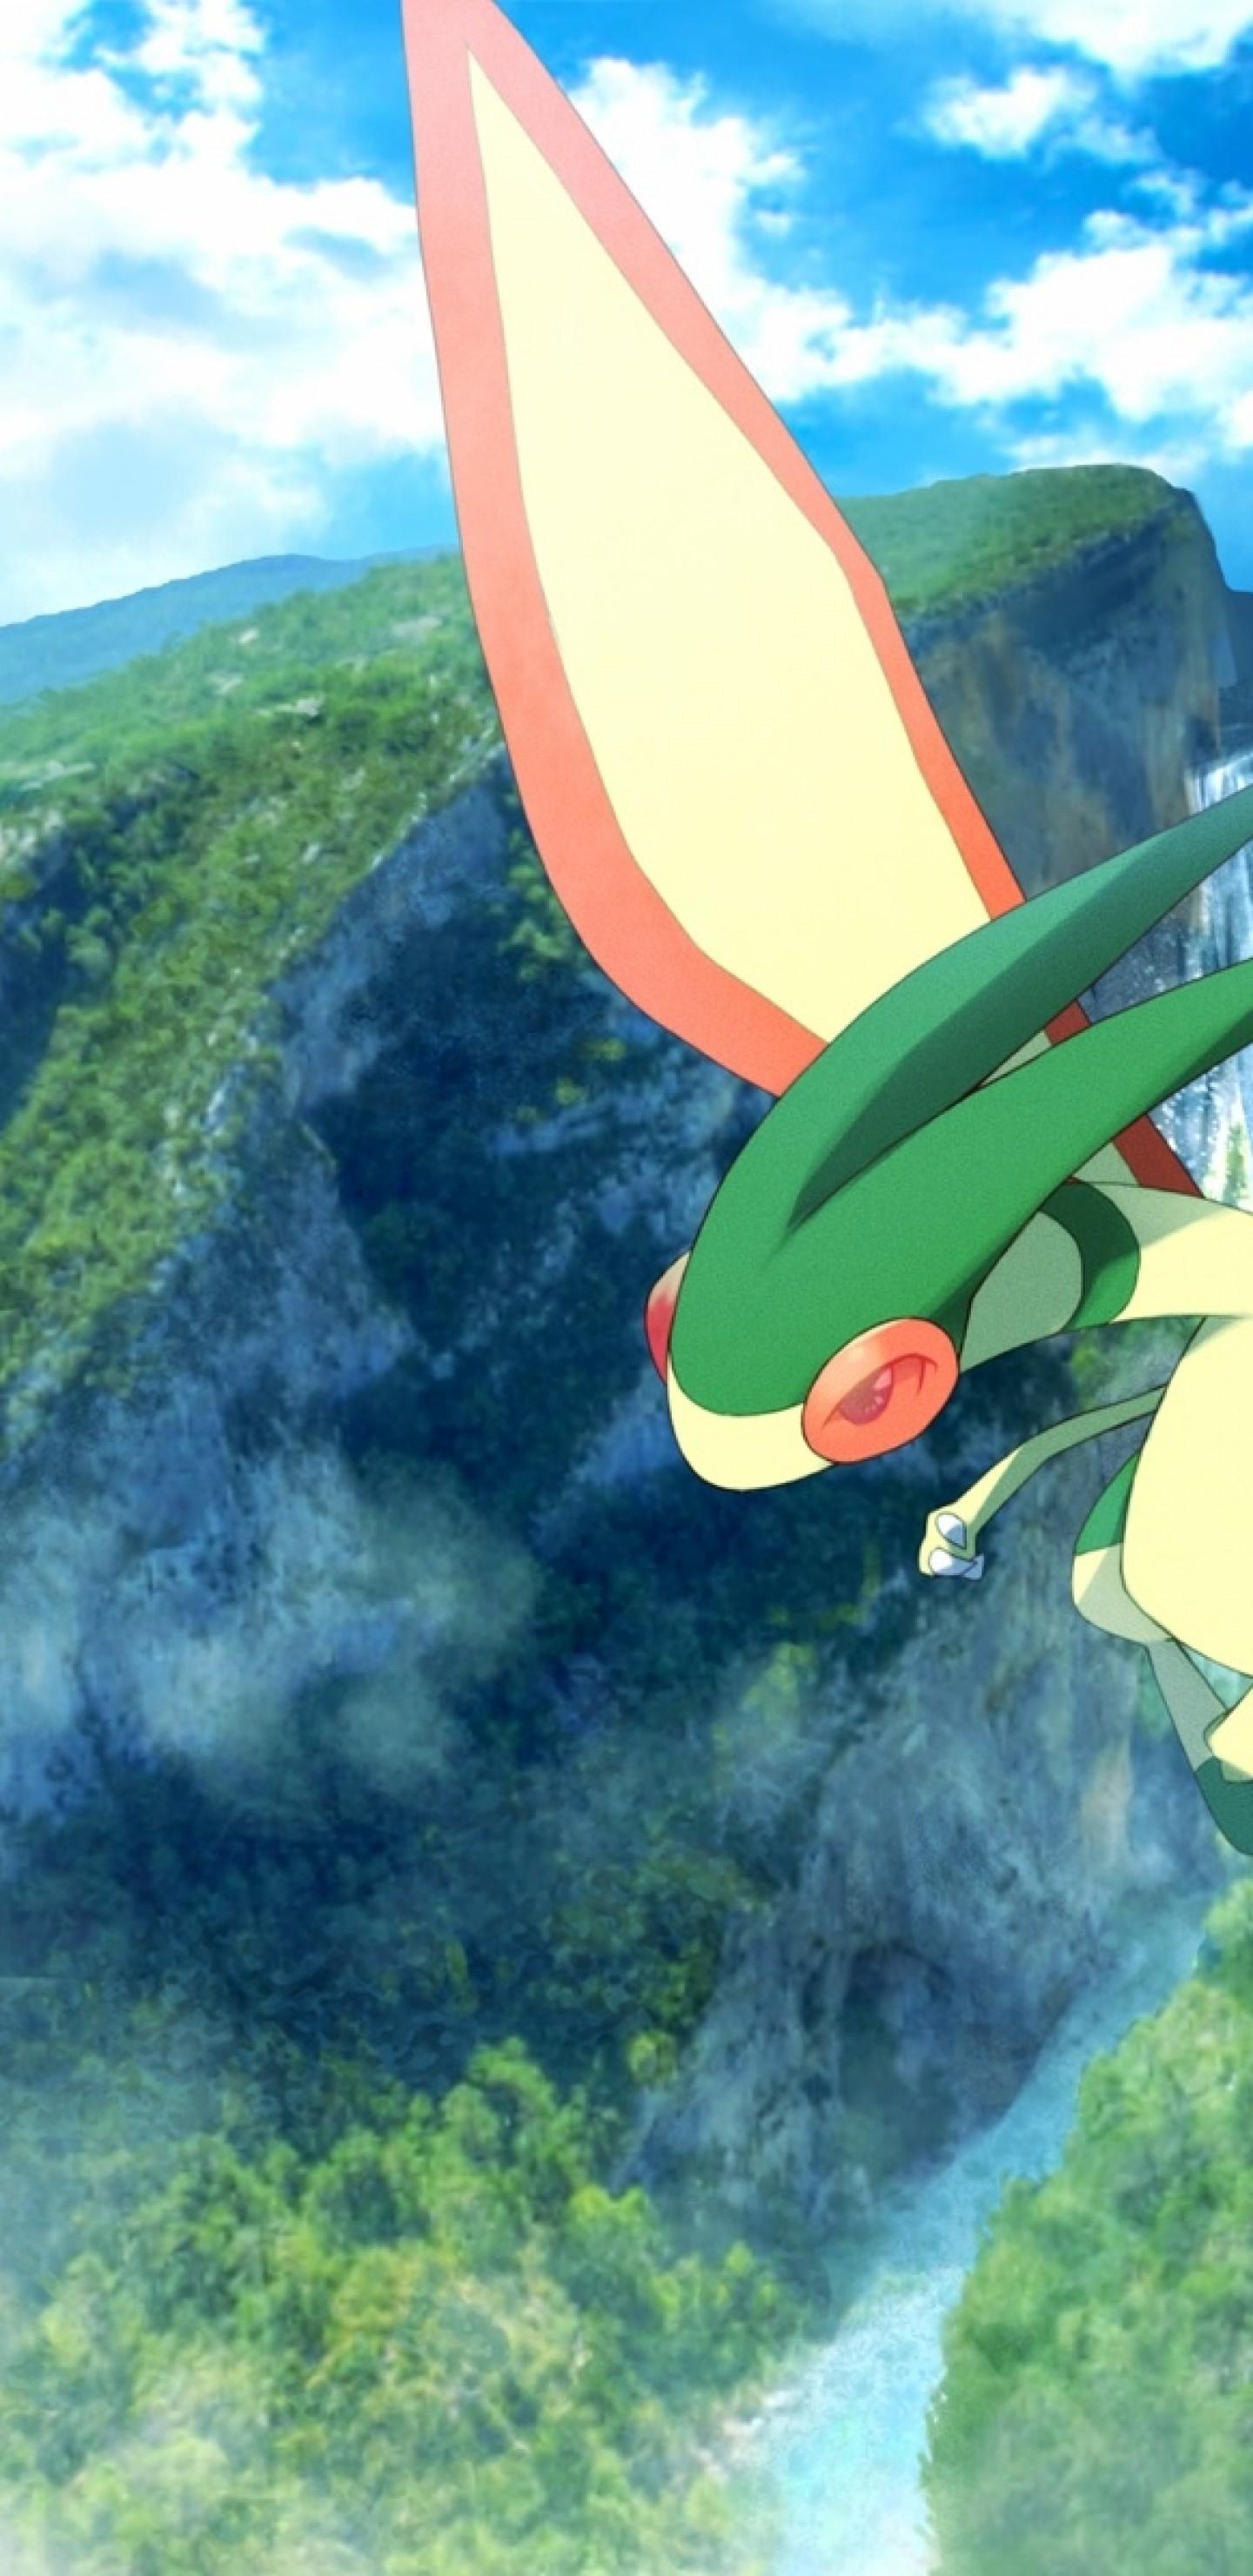 Download 1440x2960 Pokemon Flygon Waterfall Mountains Trees 1440x2960